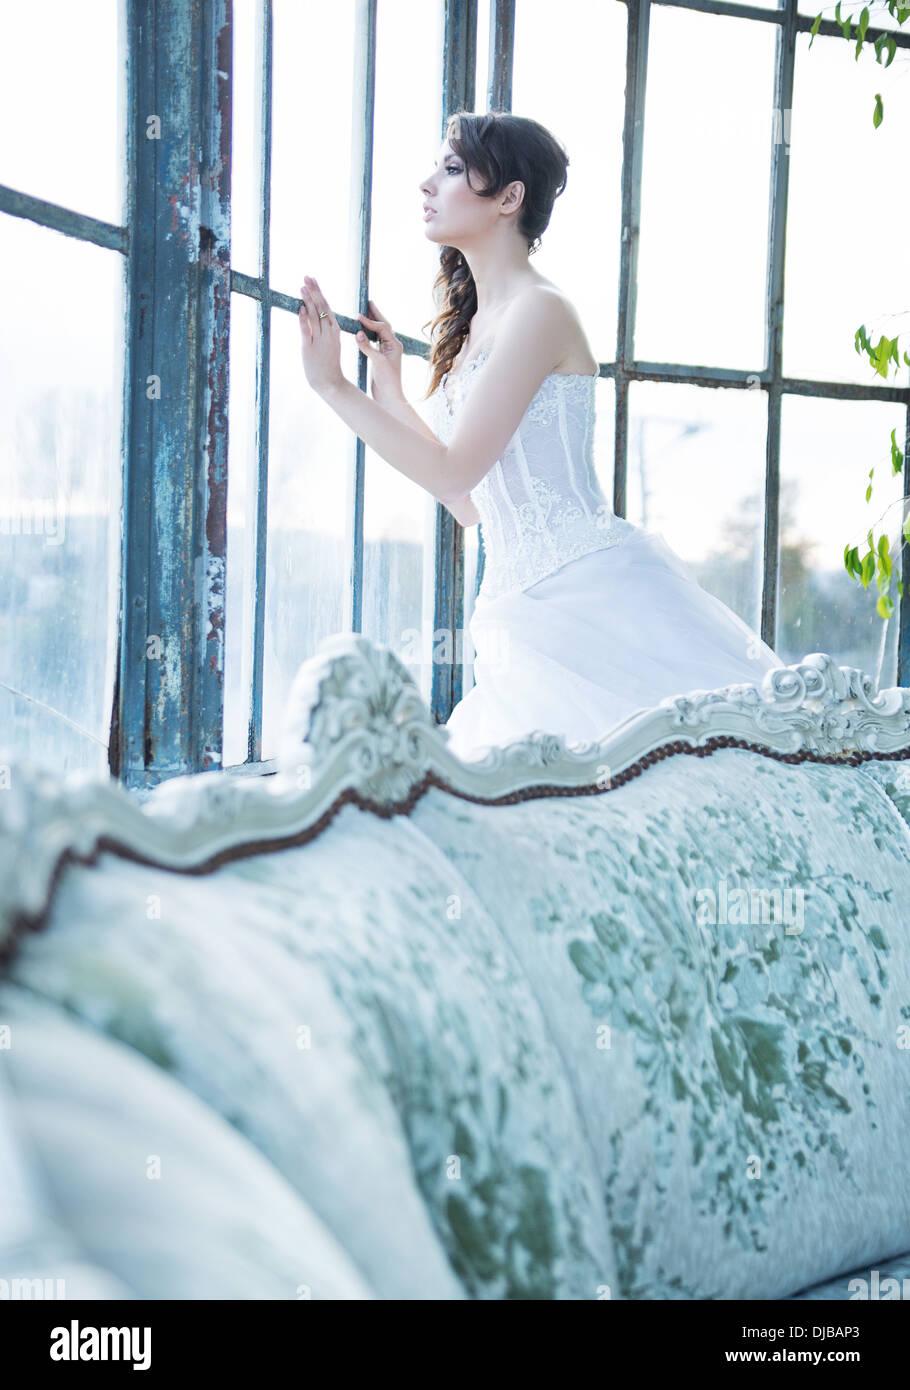 La novia ausente buscando su querido esposo Imagen De Stock